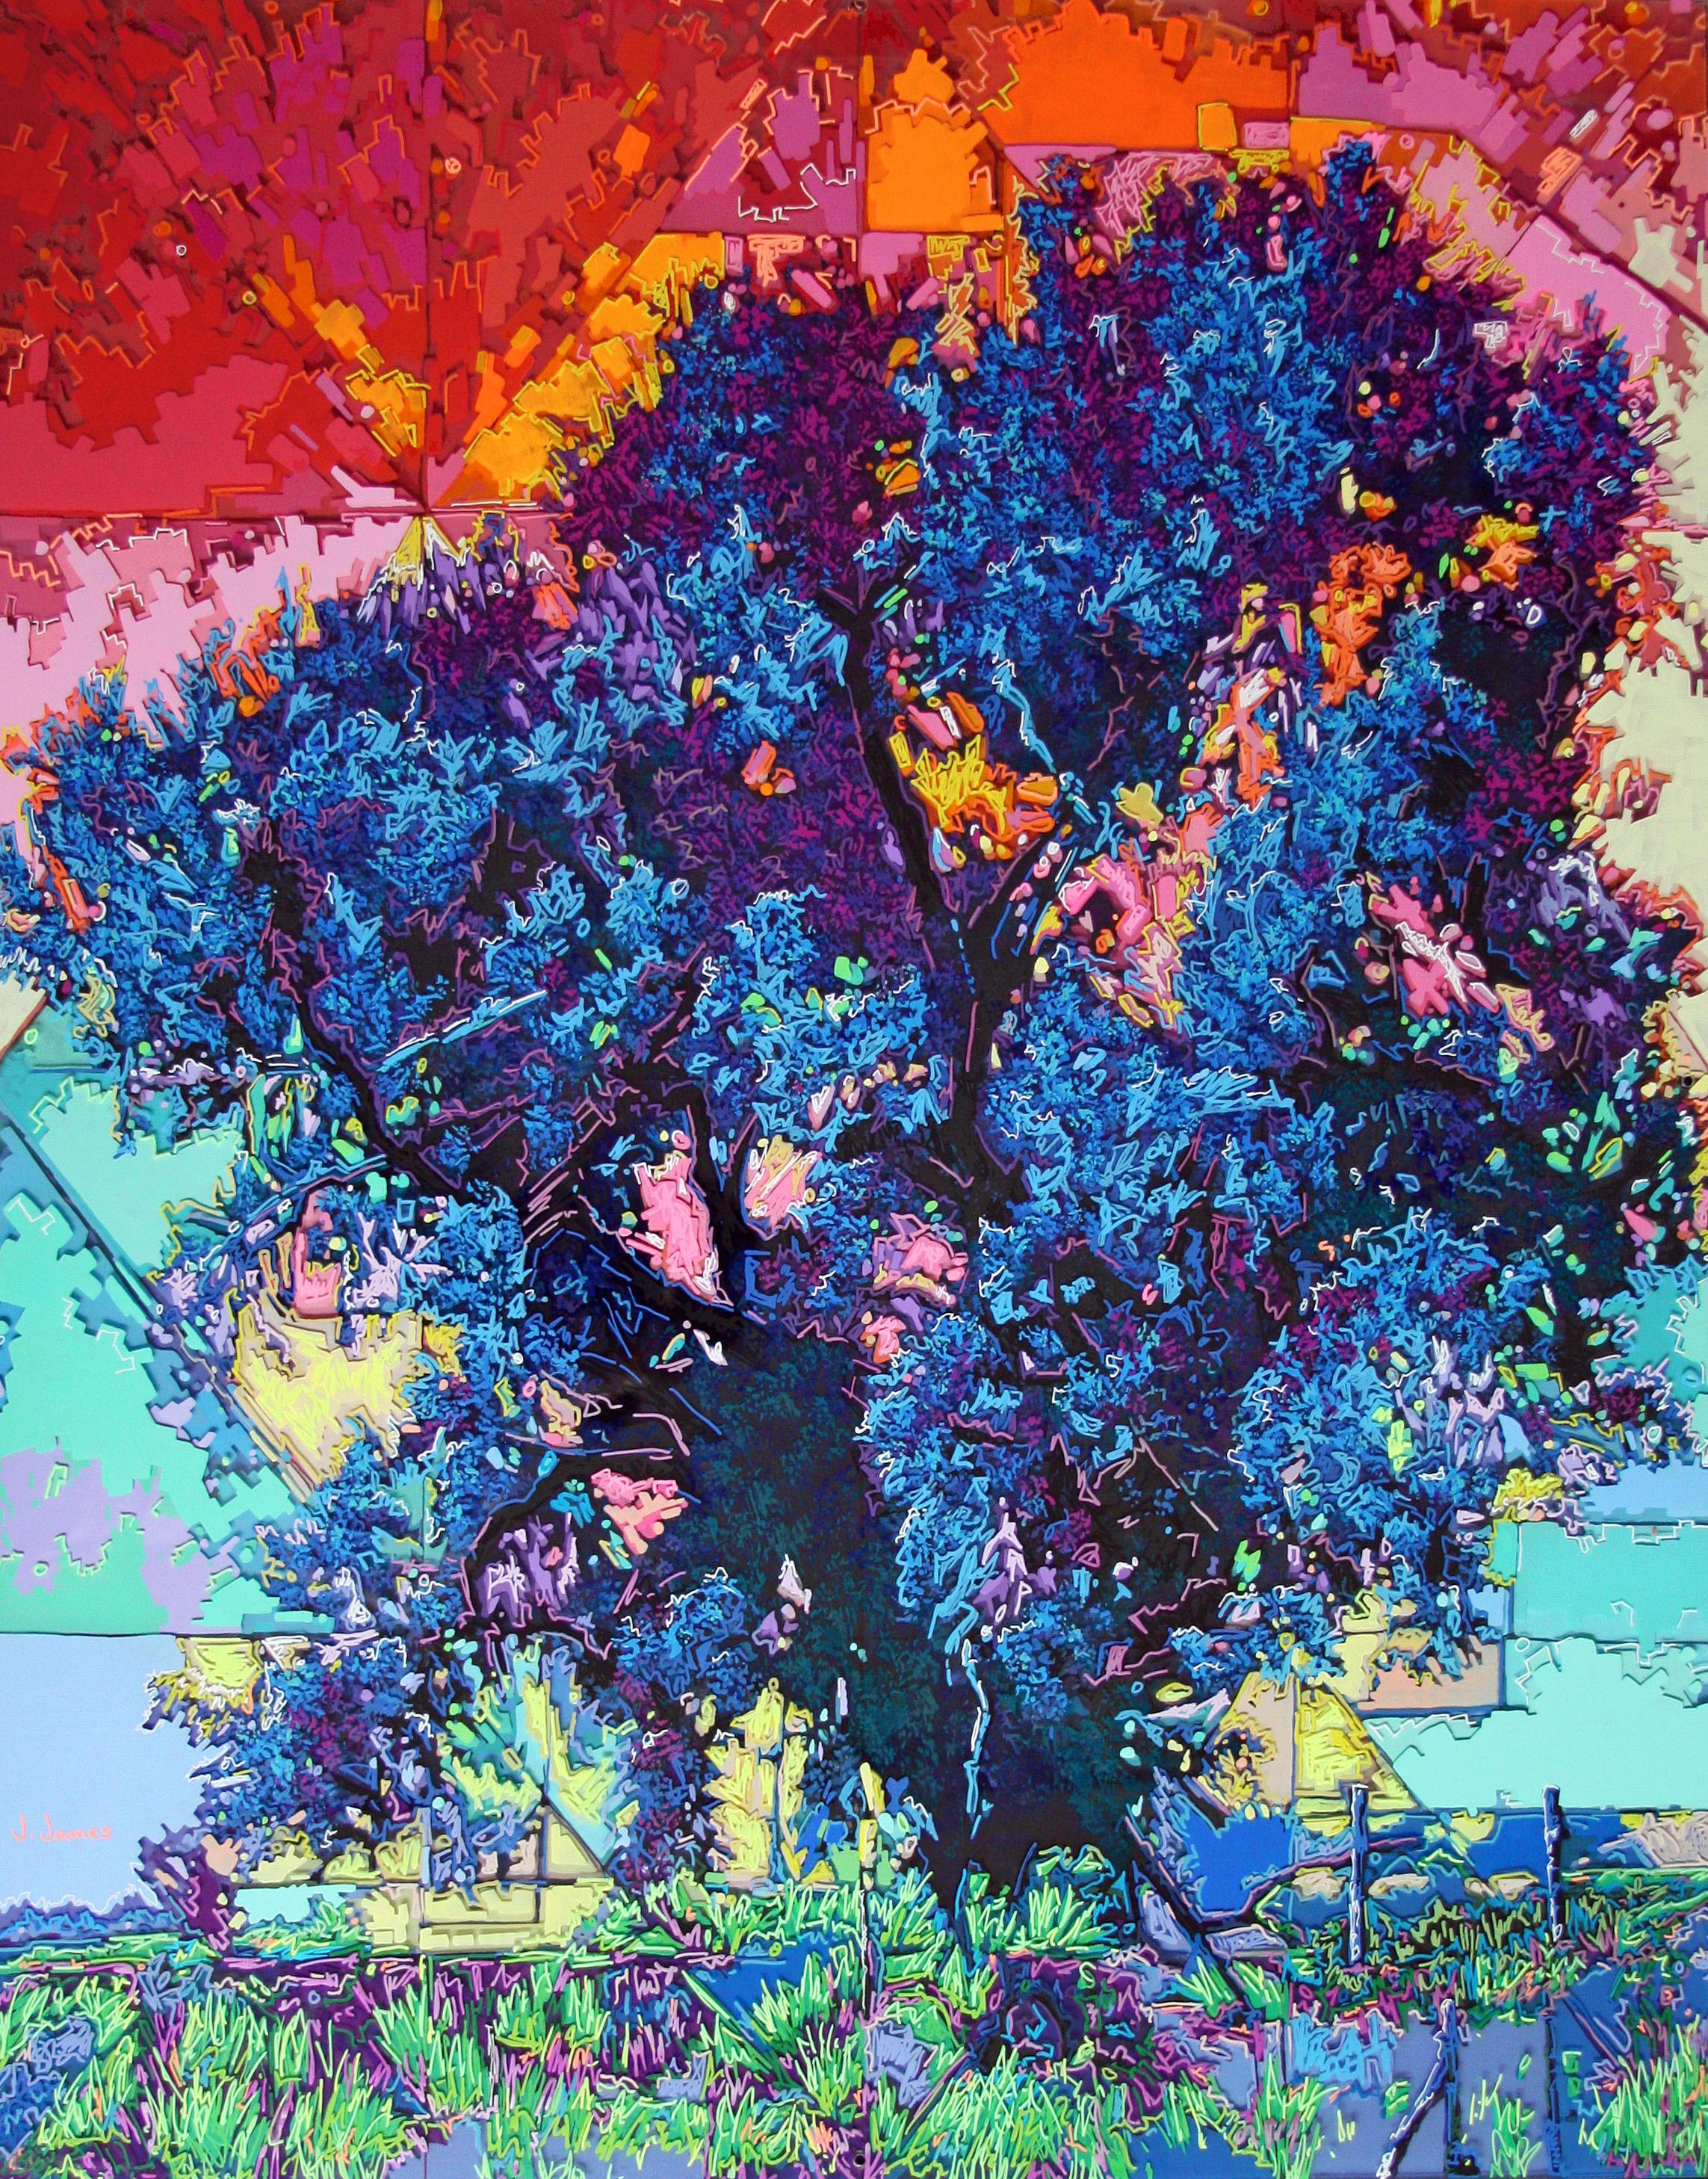 Kodama 36.5x28.5 Acrylic.jpg